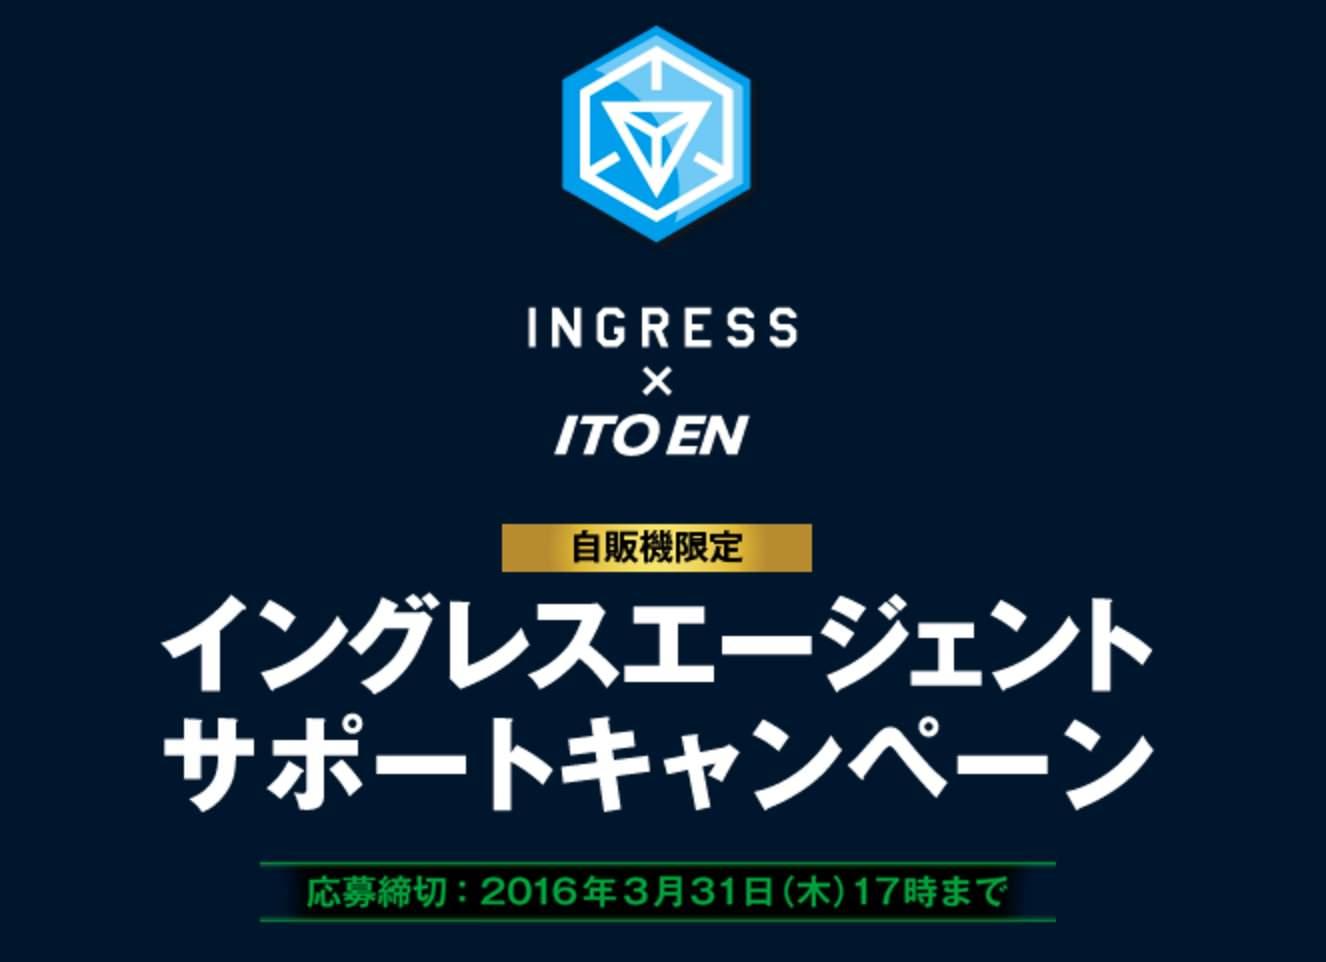 【Ingress】伊藤園第2弾!「イングレスエージェントサポートキャンペーン」2016年2月1日より実施へ